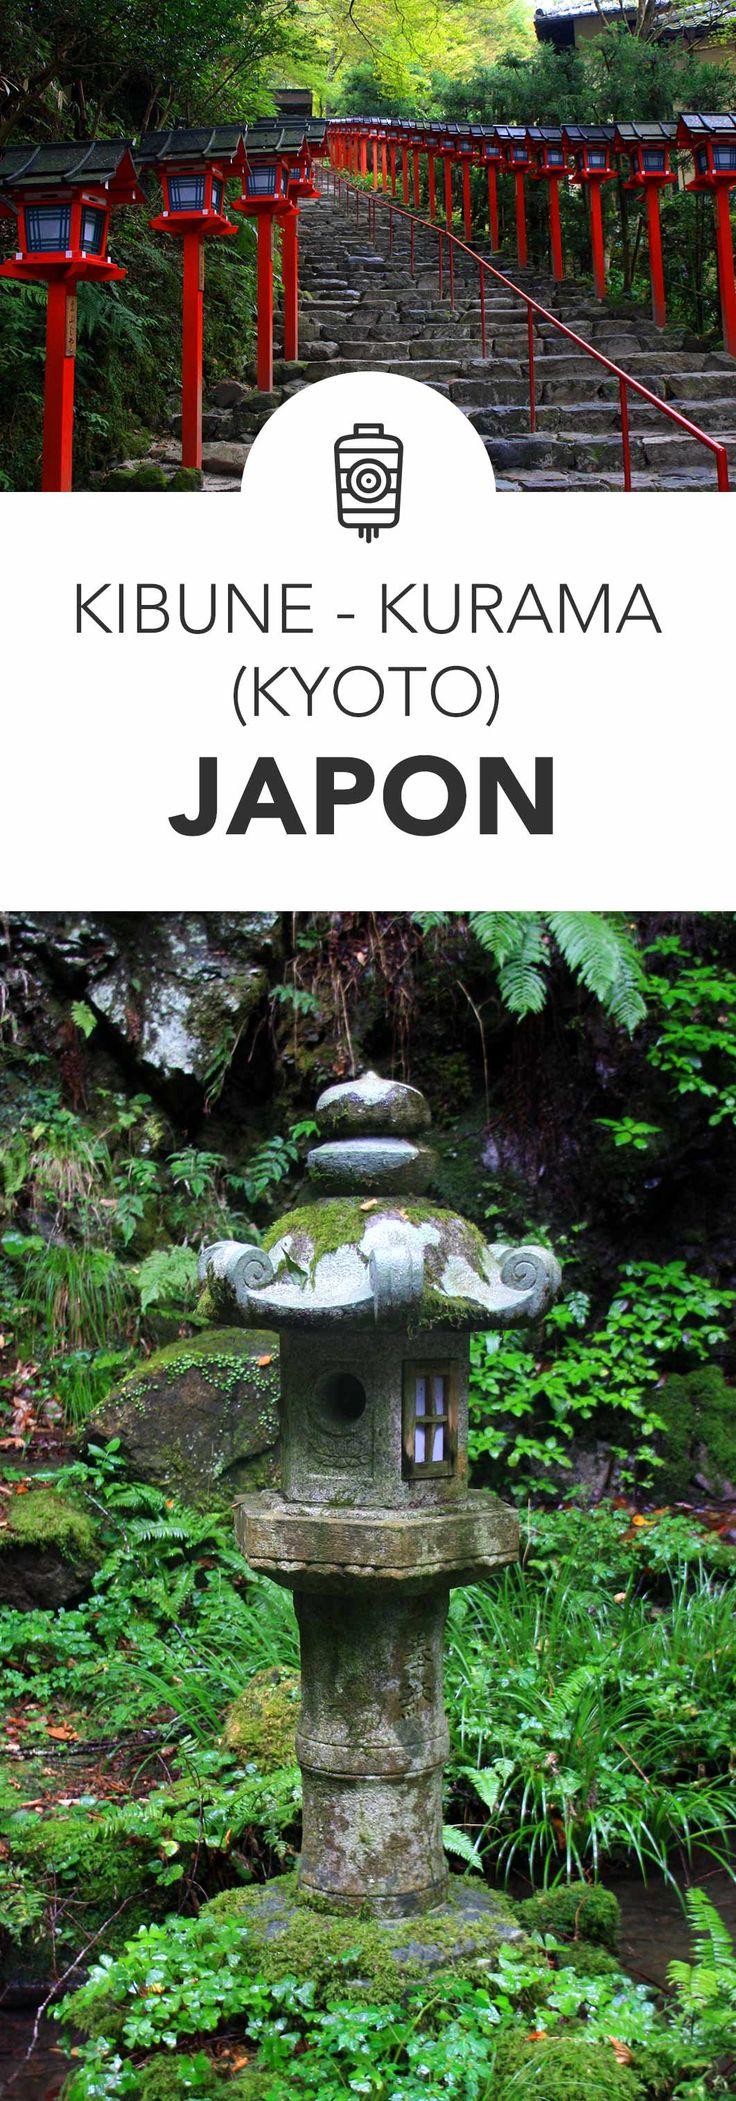 Petite escapade au nord-est de Kyoto, 2-3h de randonnée puis détente dans le plus bel onsen de la région de Kyoto !